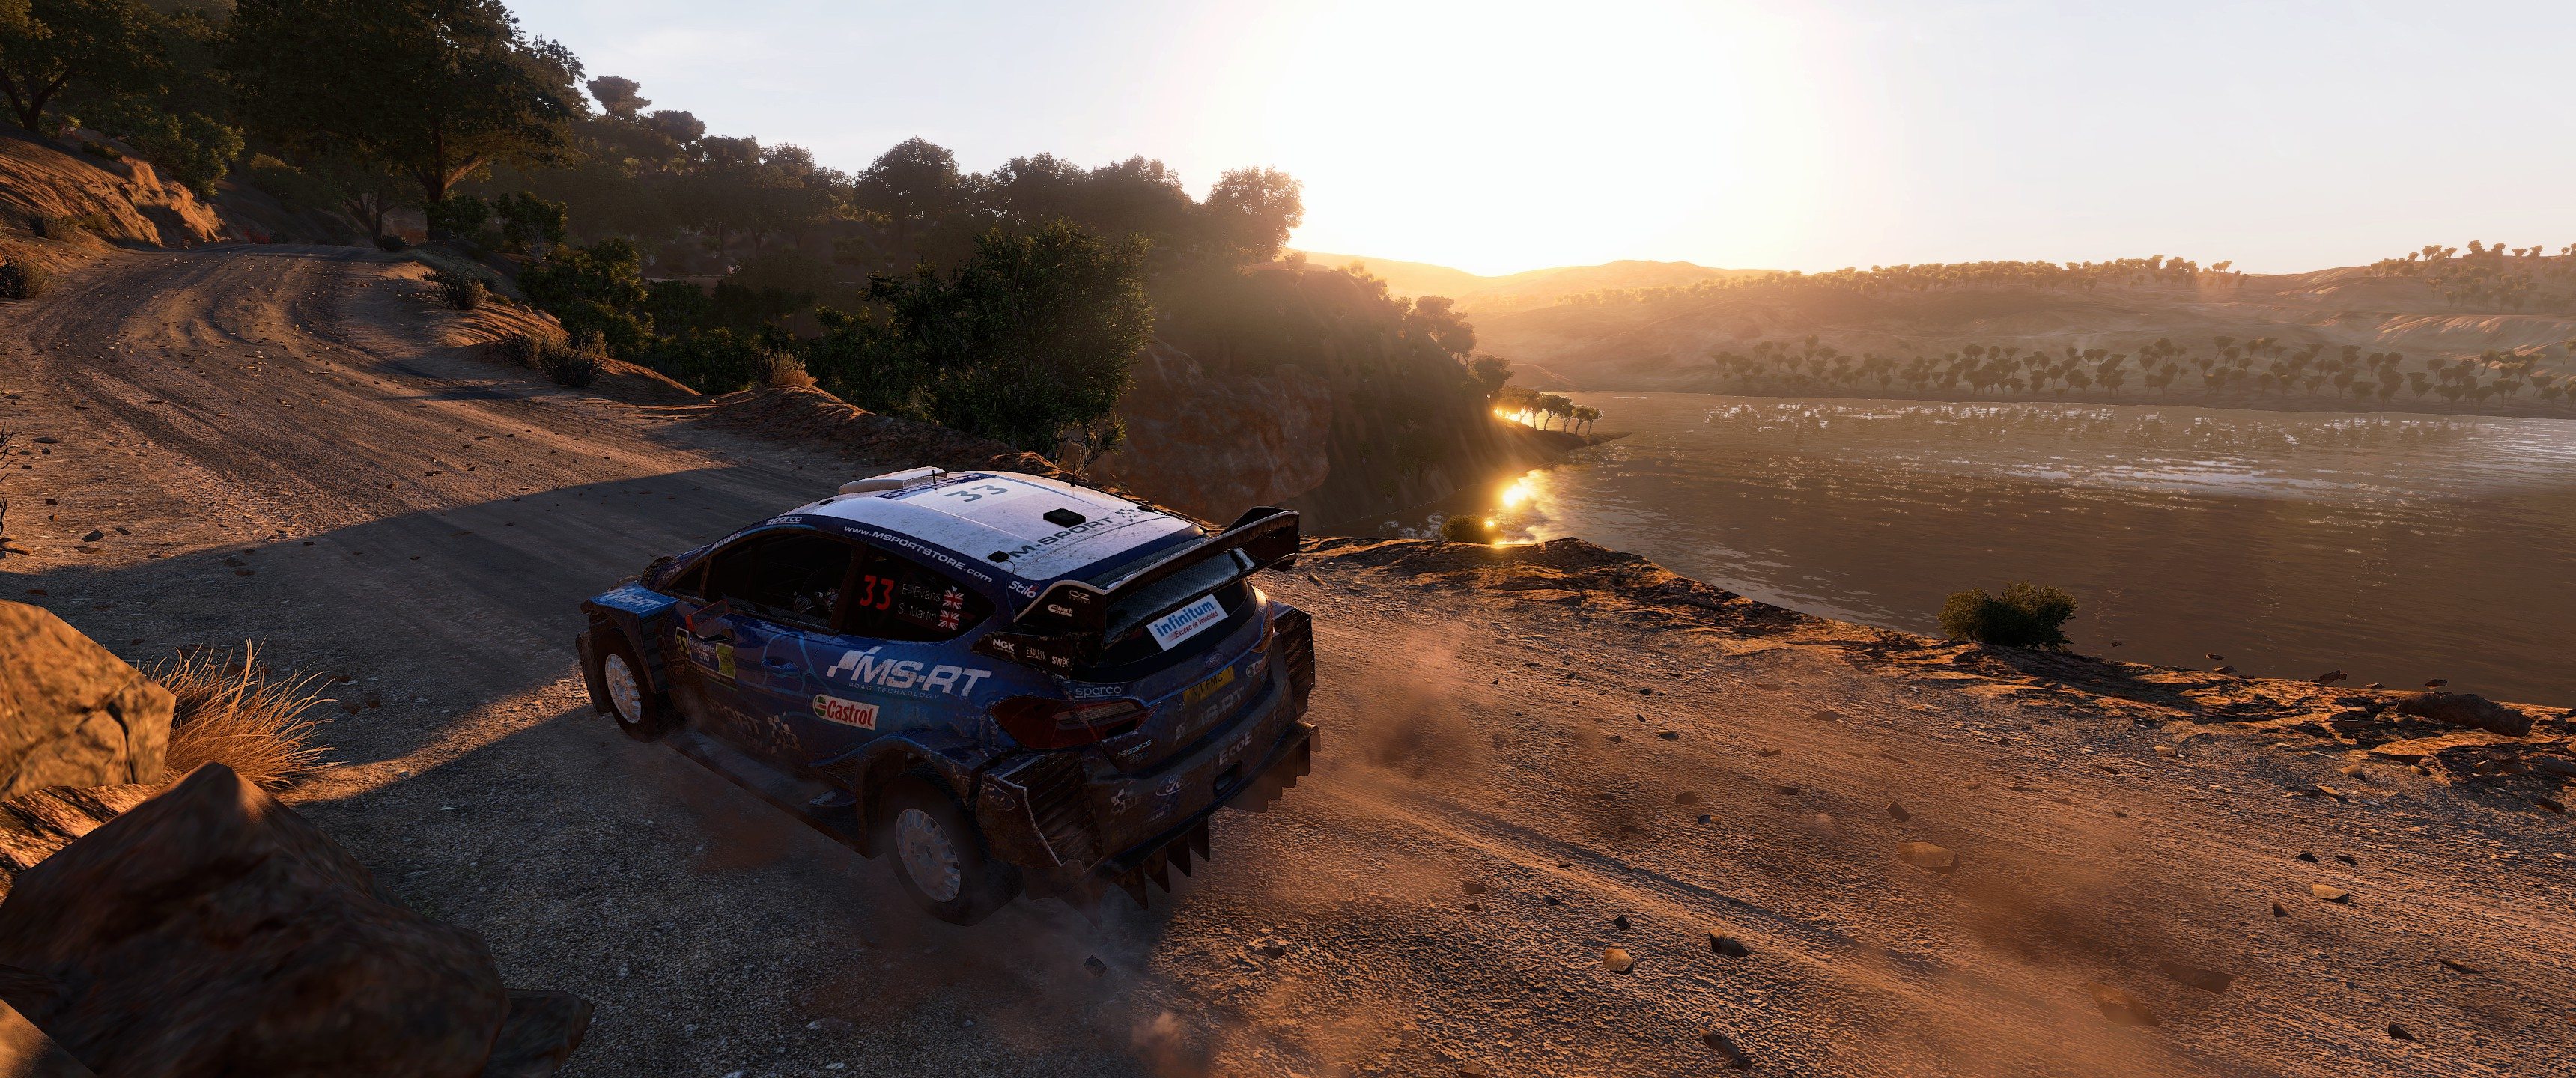 WRC8 2019-11-19 07-08-55.jpg